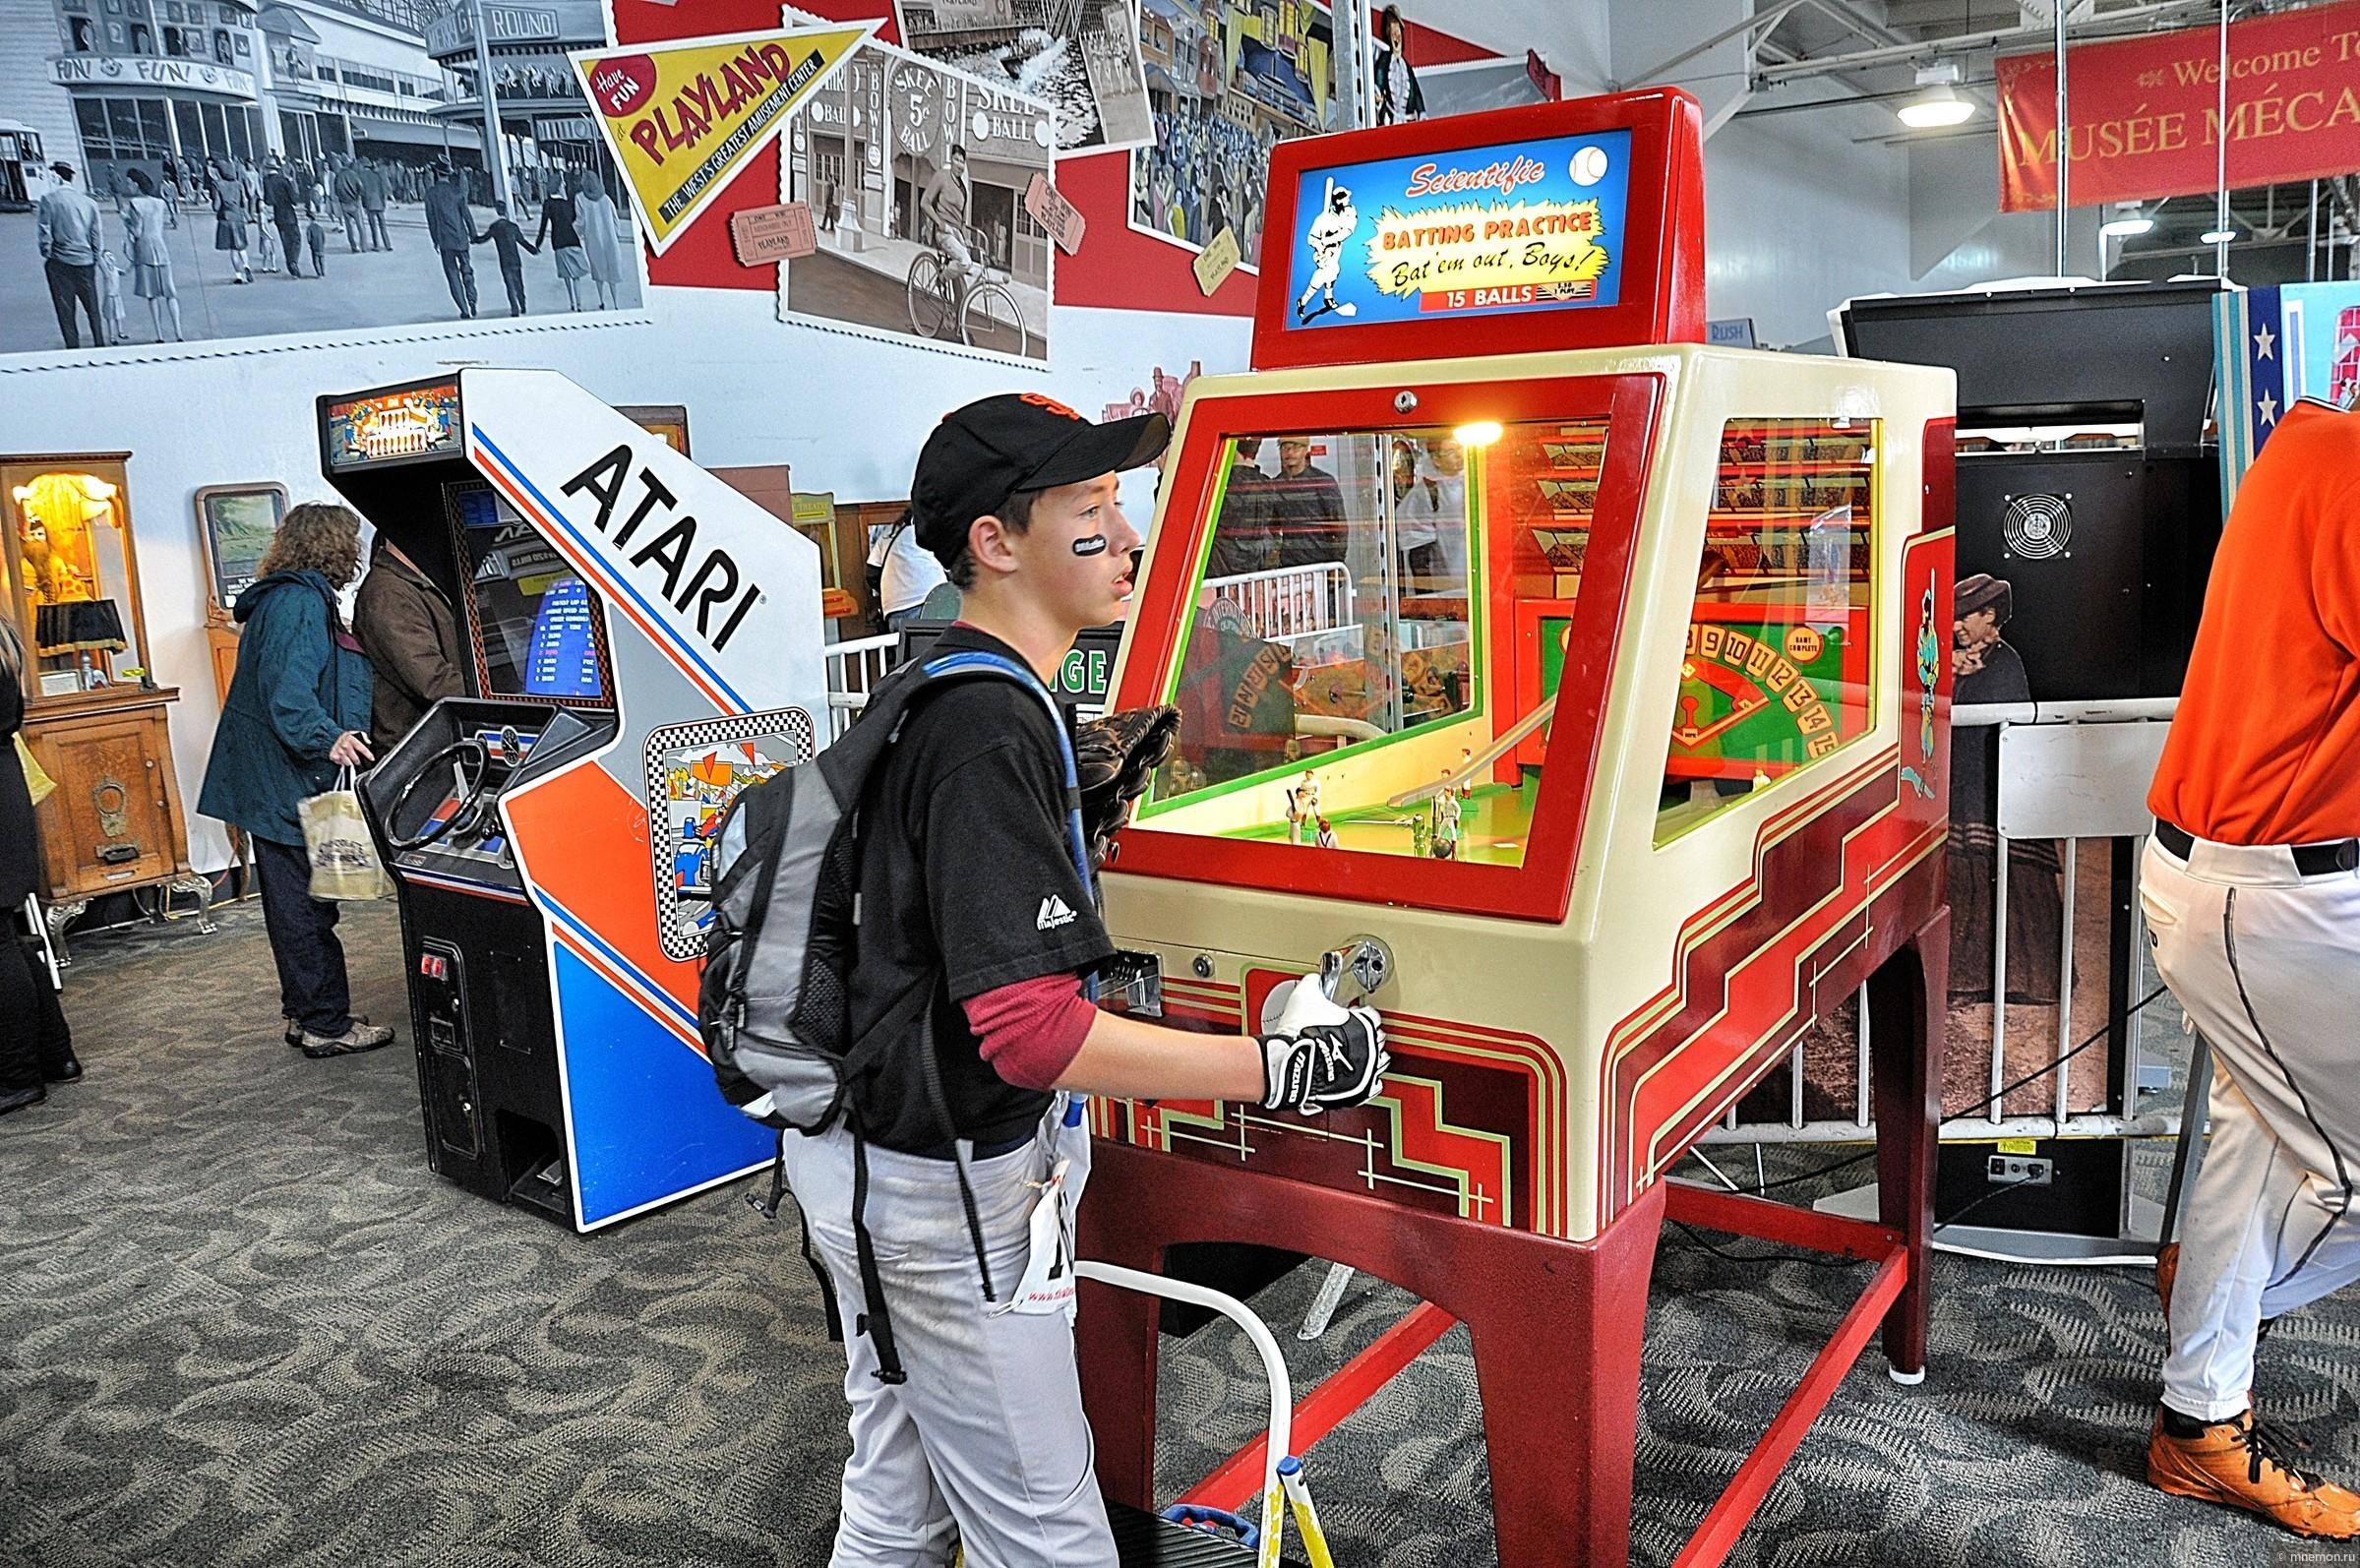 Игровые автоматы старинные сан франциско игровые автоматы для детей цена украина